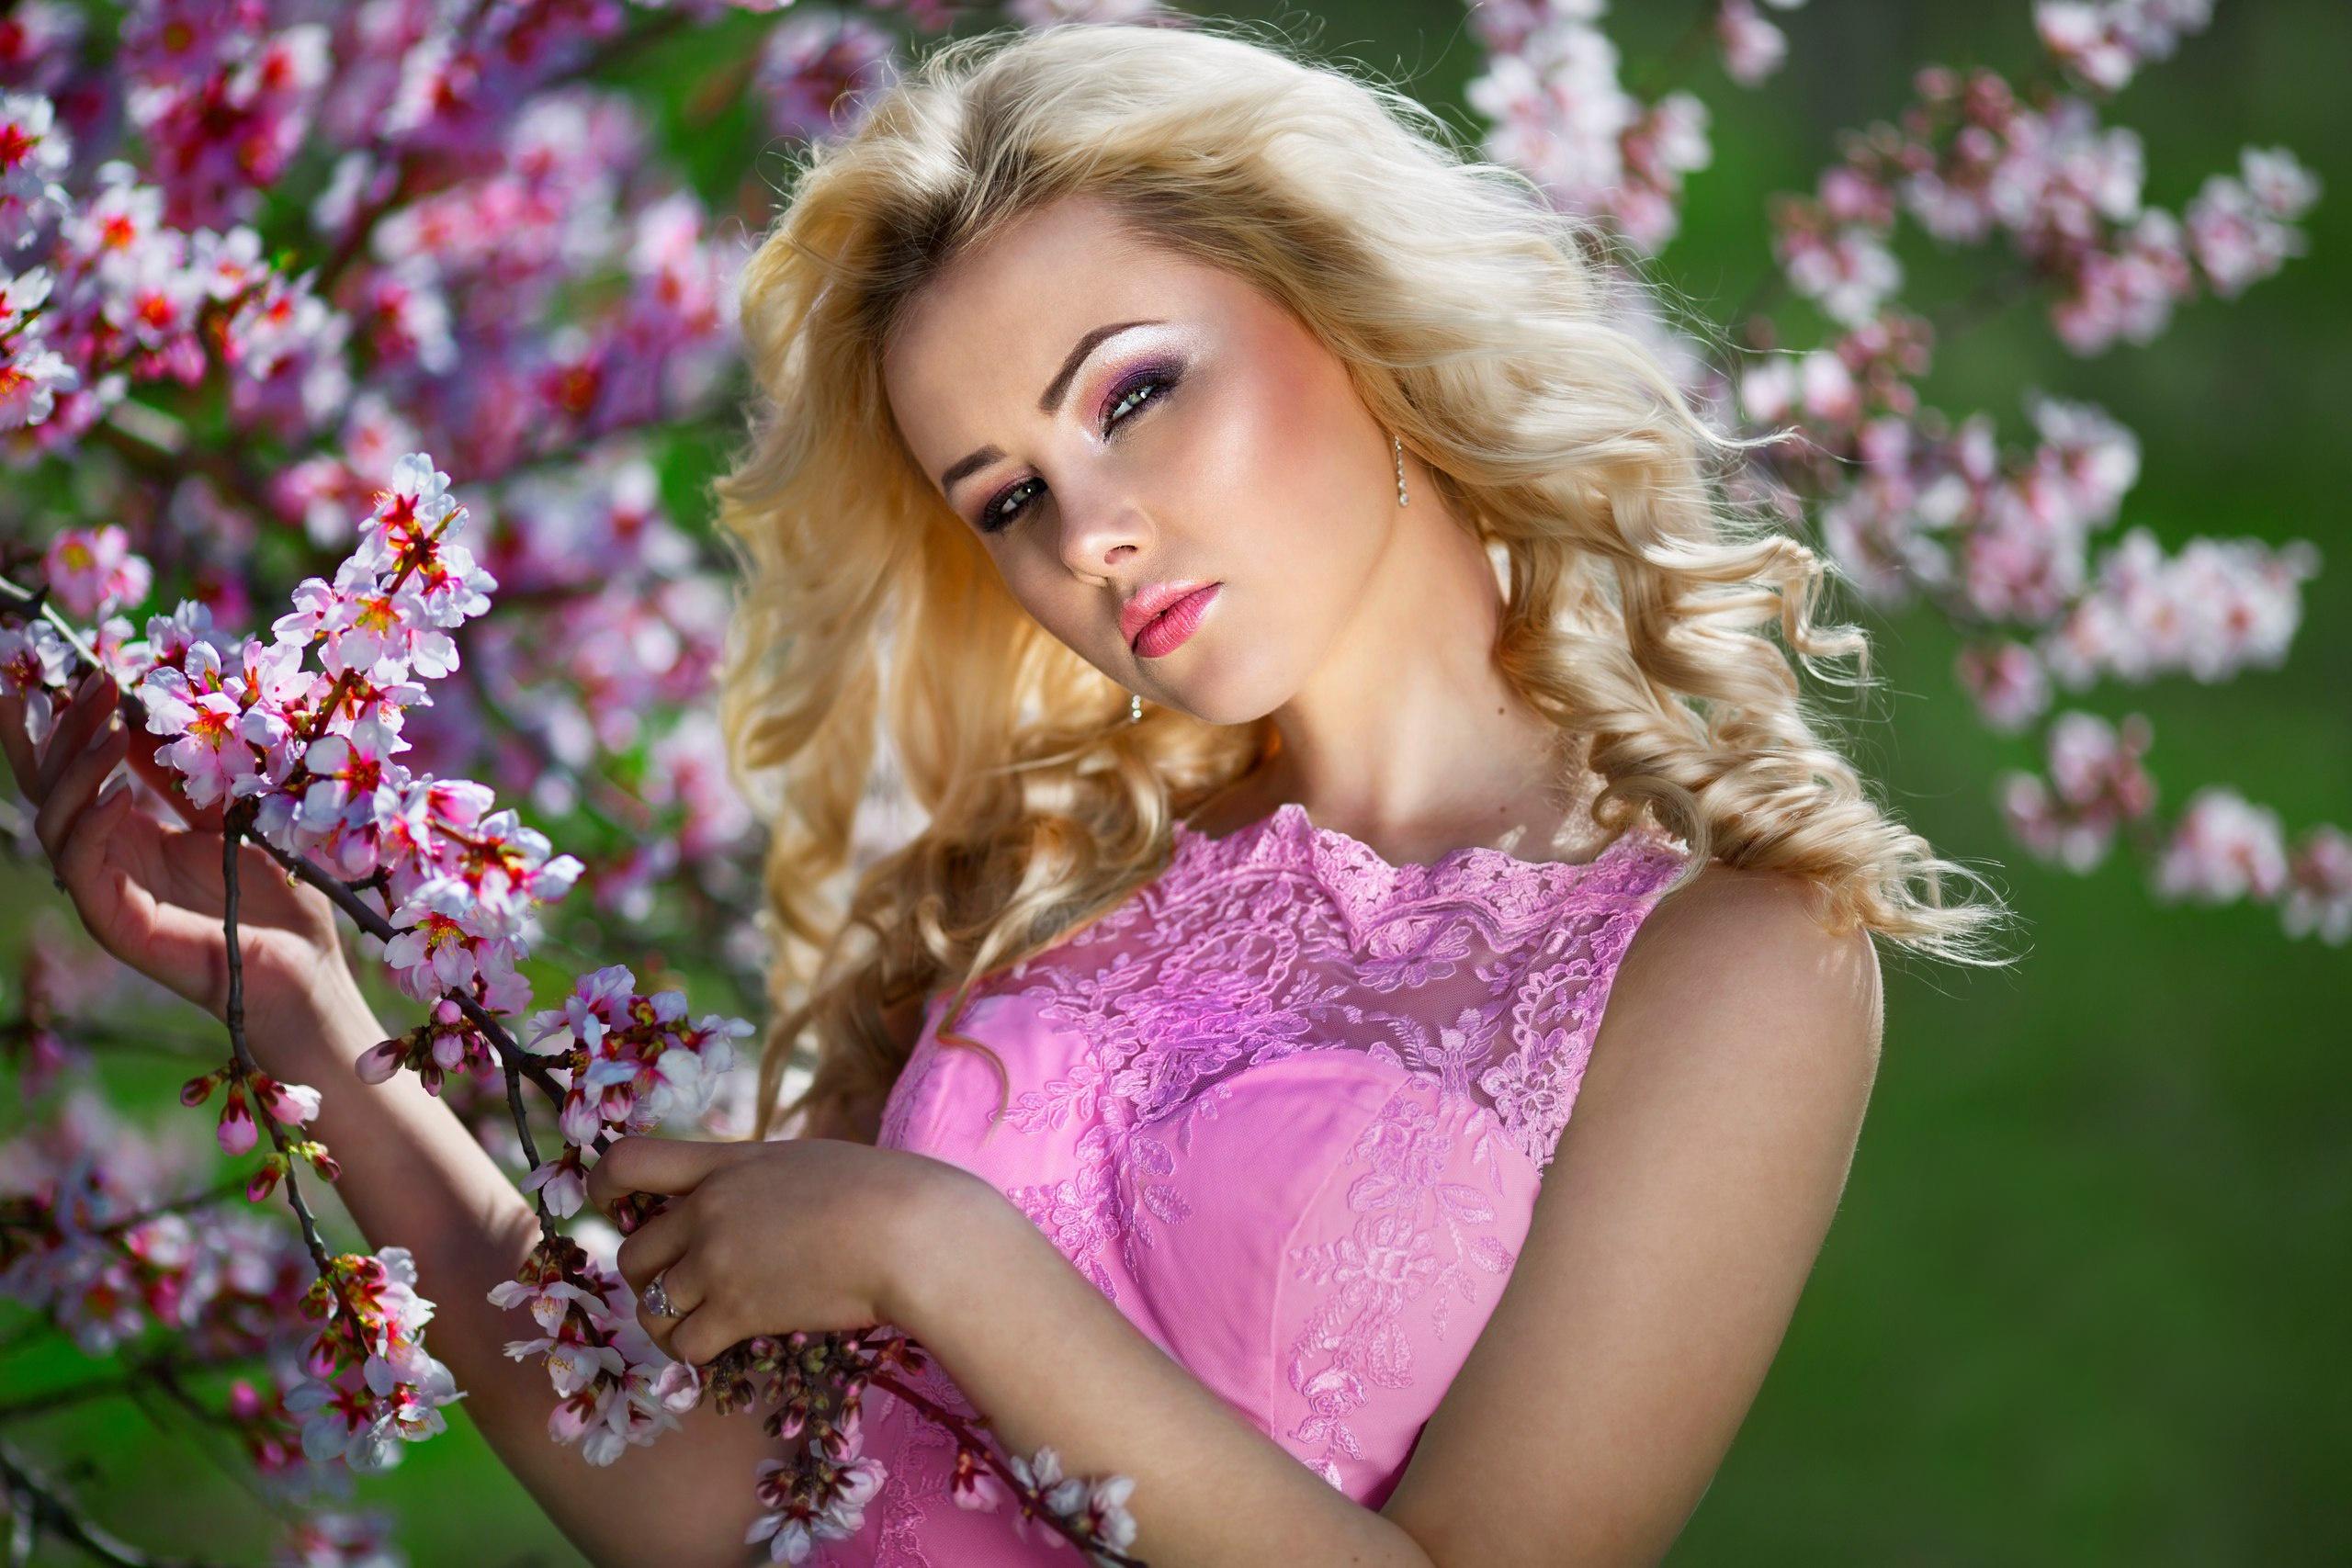 Красавица весна картинки фото